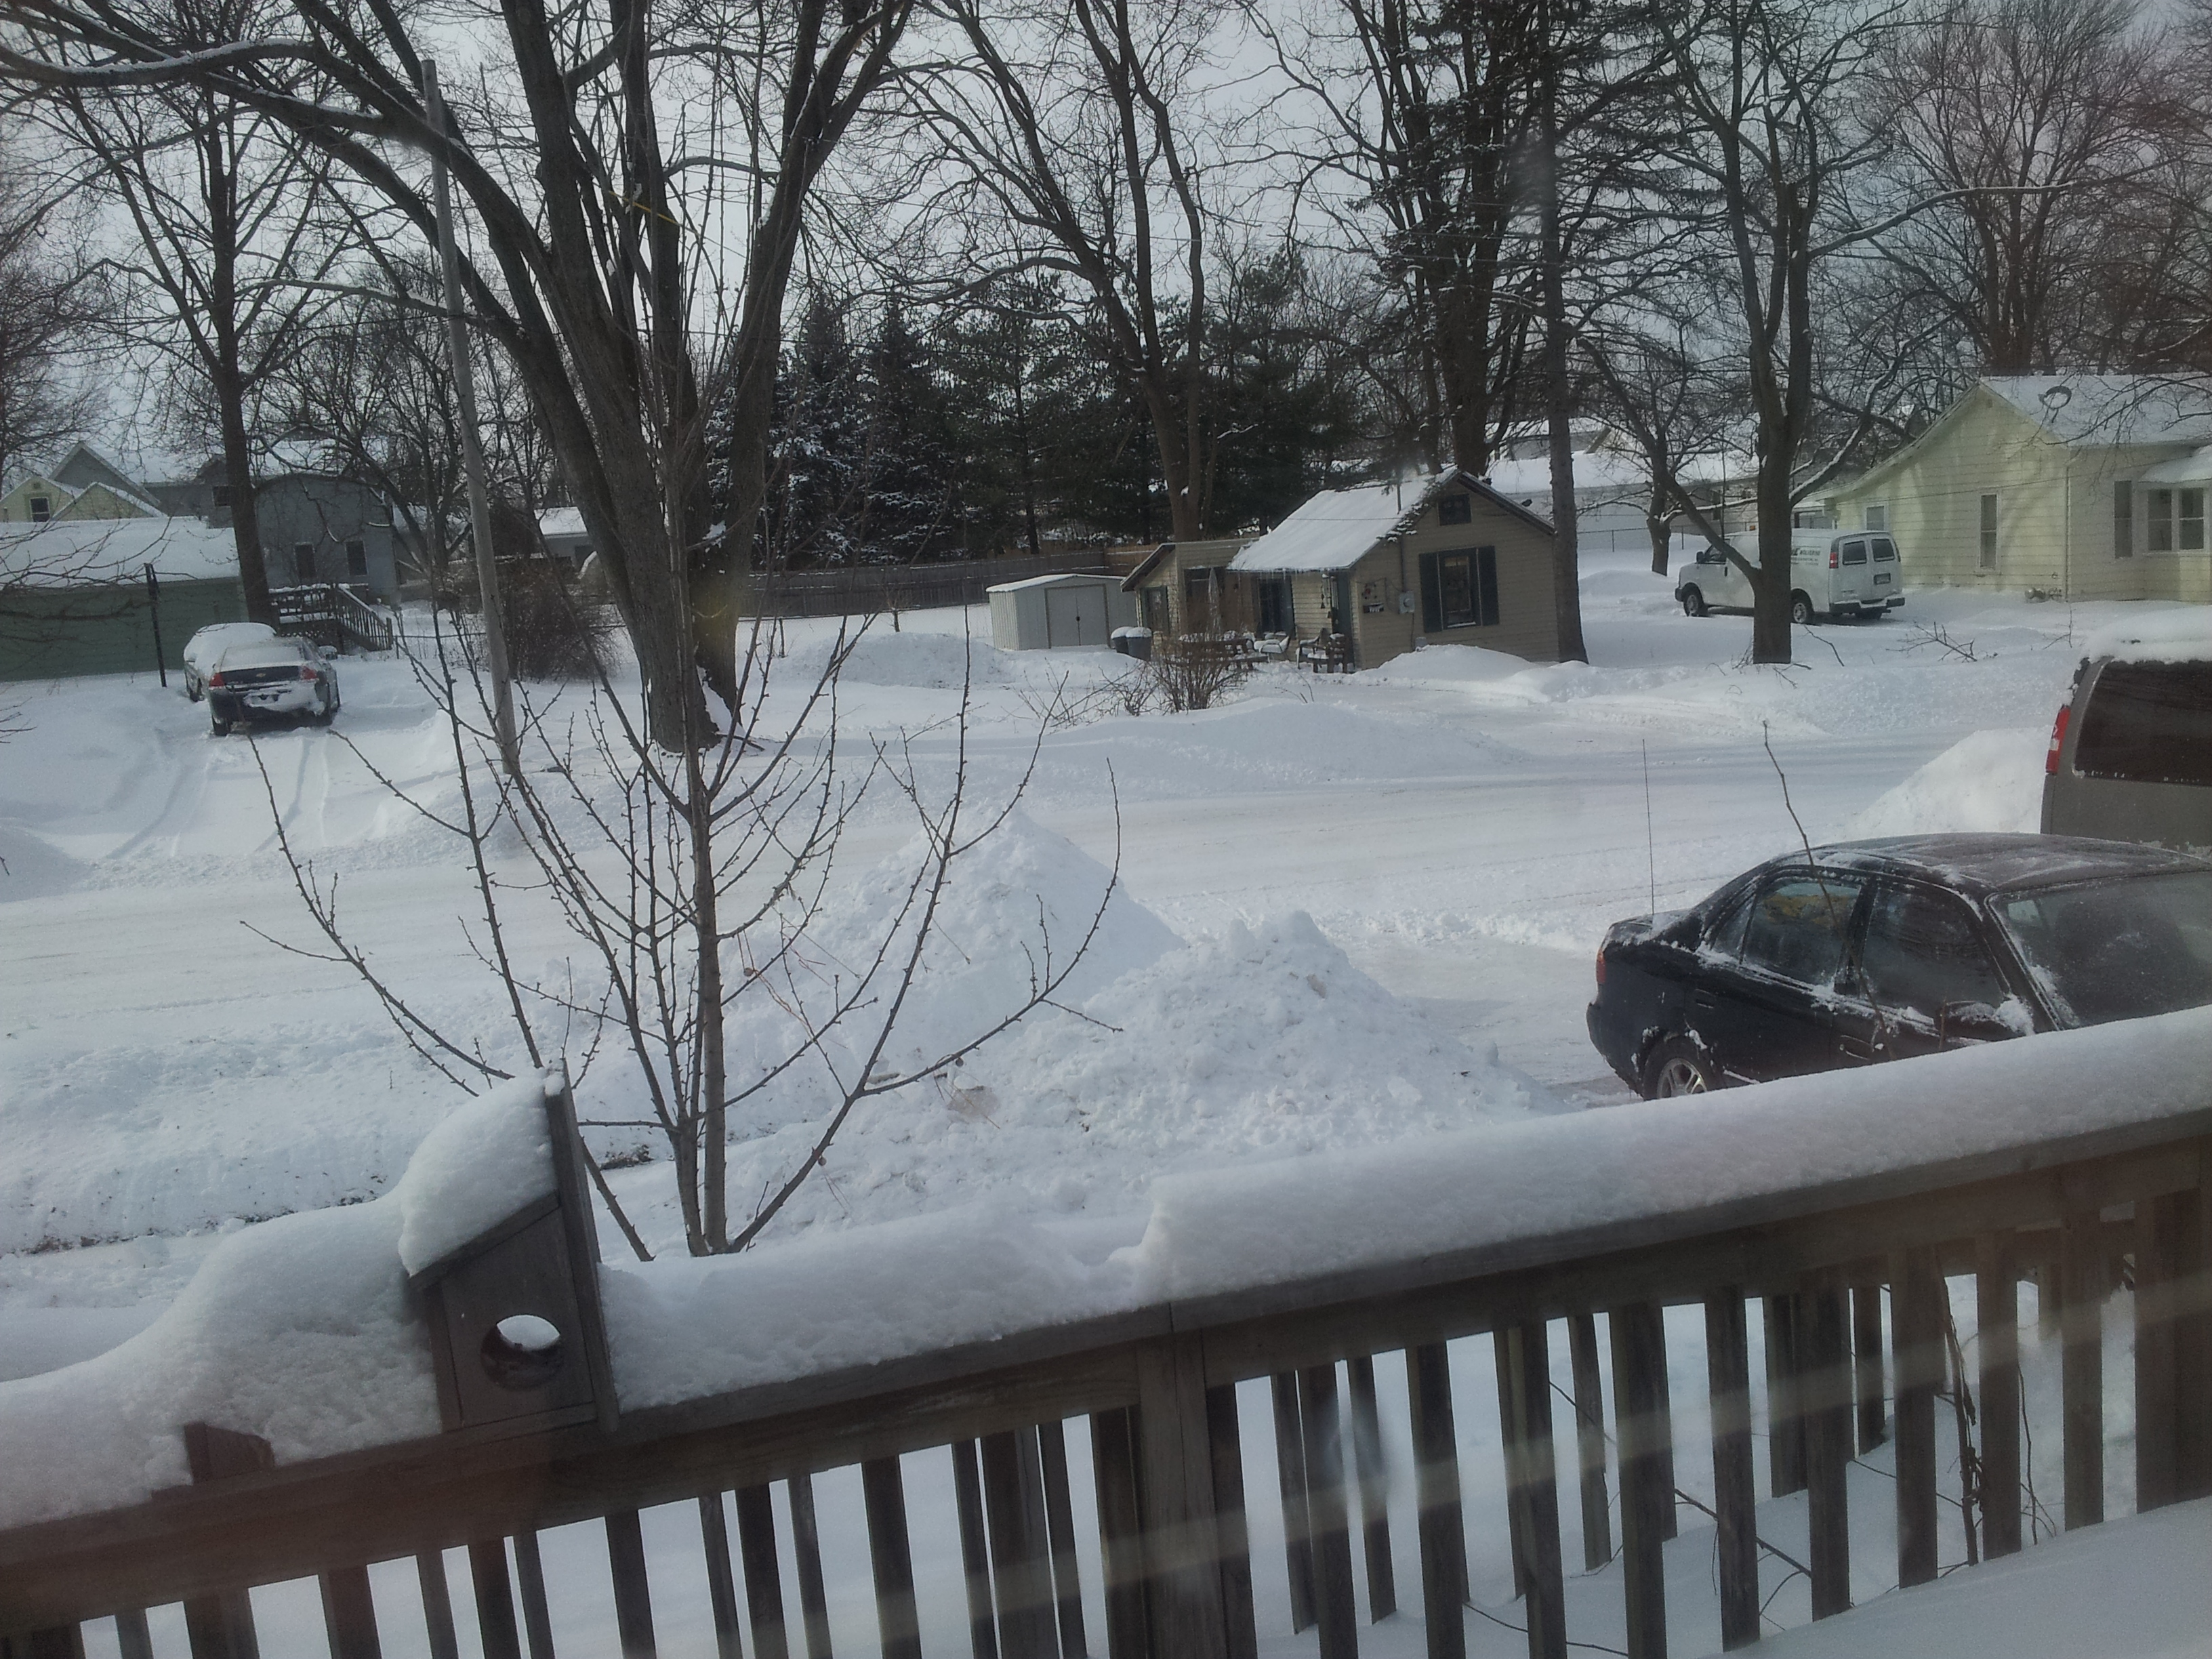 20140127 snowy street